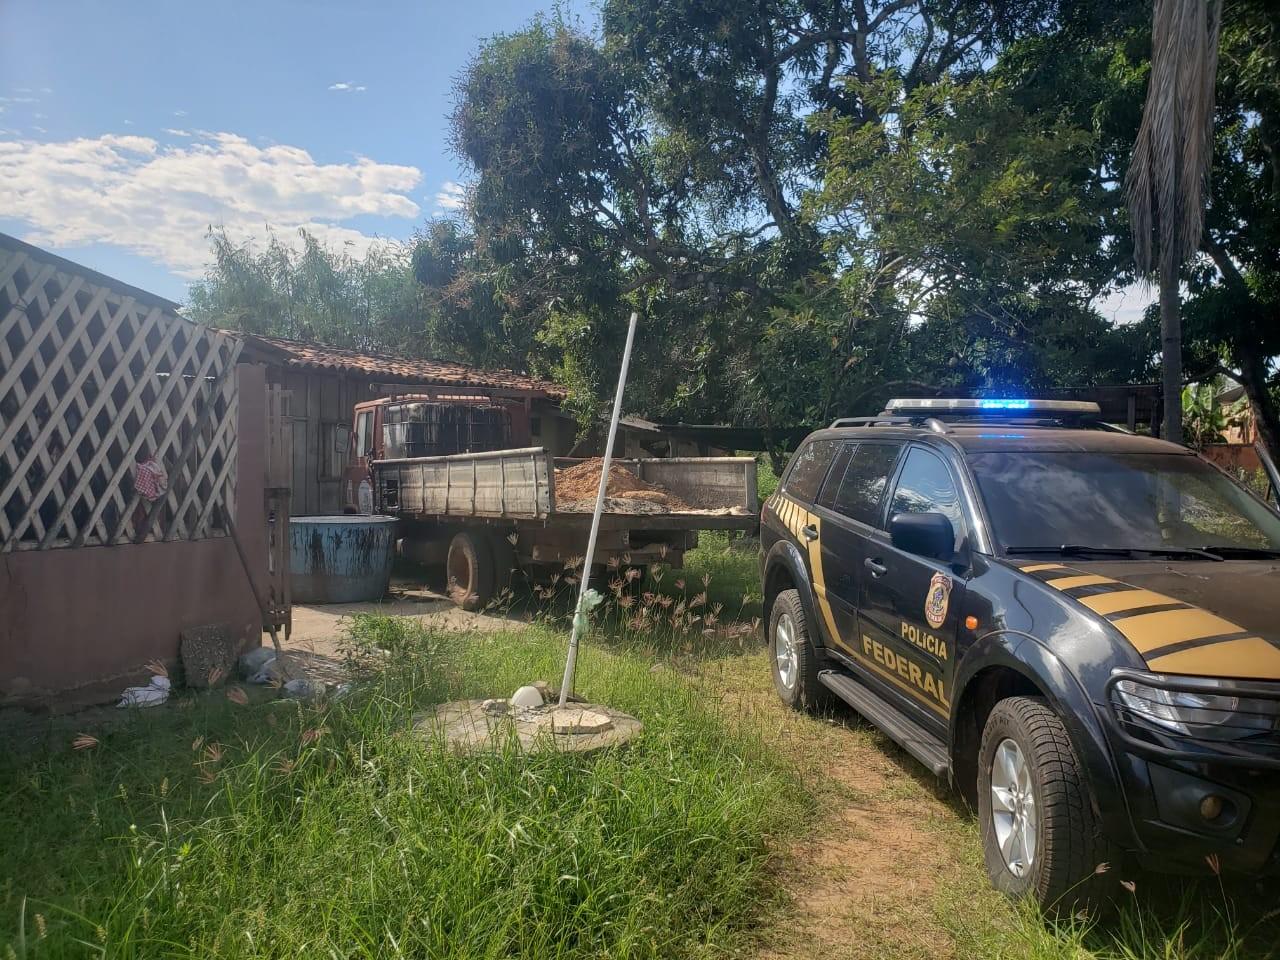 Quadrilha é presa em operação da Polícia Federal suspeita de desviar 1,2 mil litros de piche de prefeitura em MT